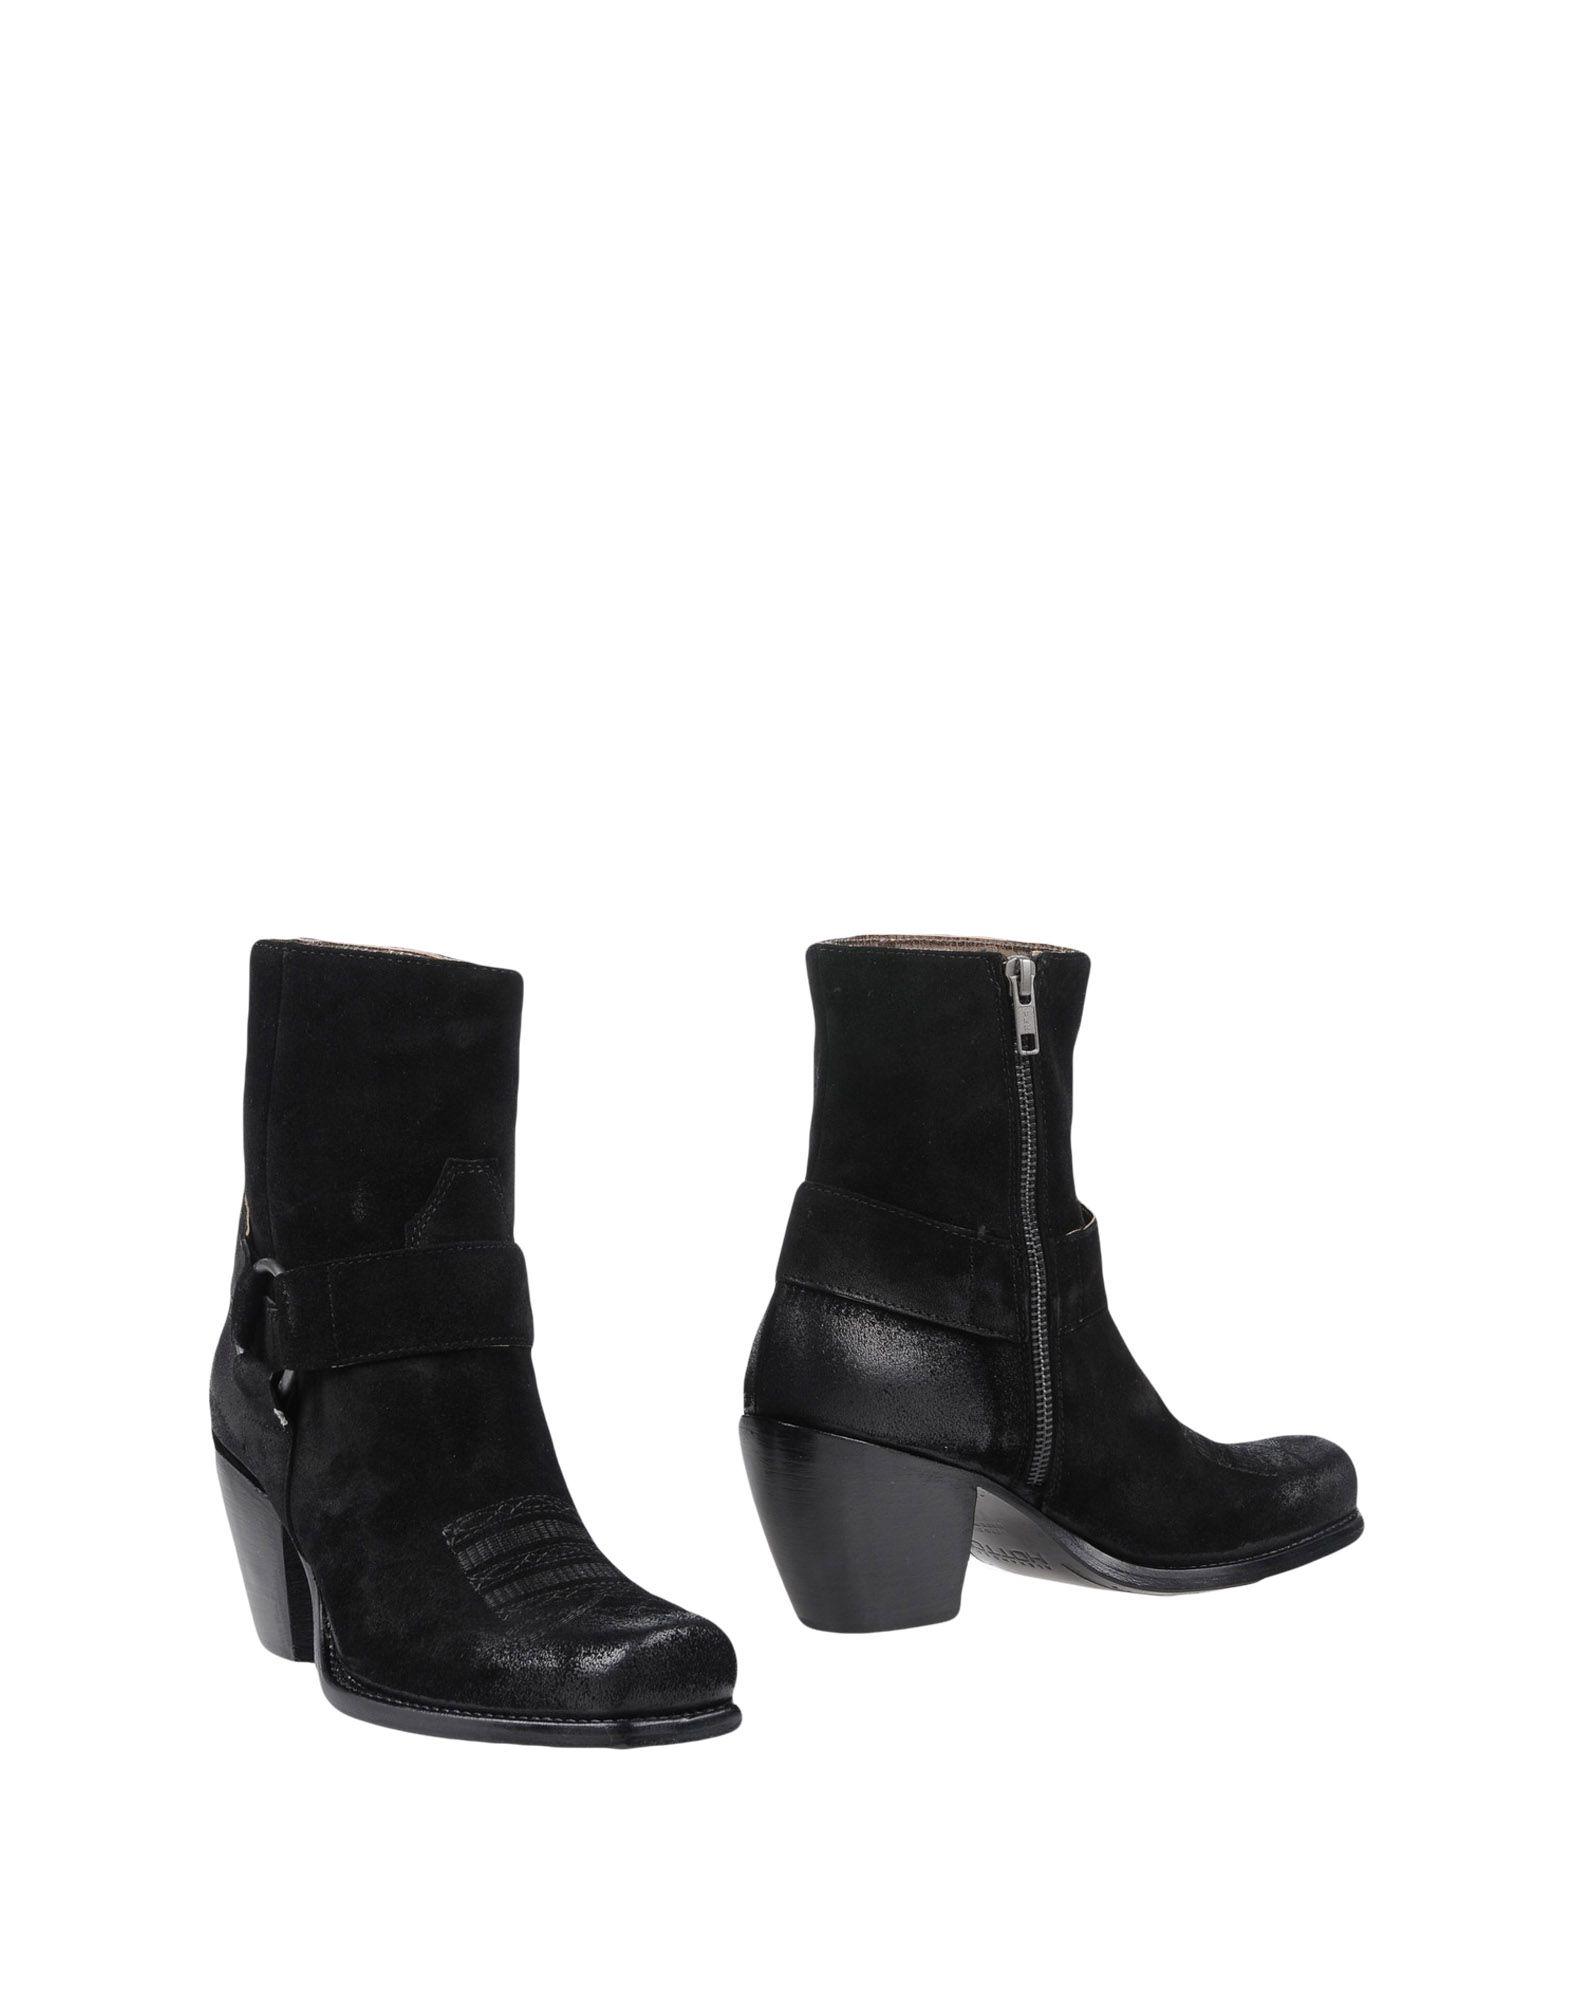 Stilvolle billige Schuhe Alexander Hotto 11451703GU Stiefelette Damen  11451703GU Hotto e832c5